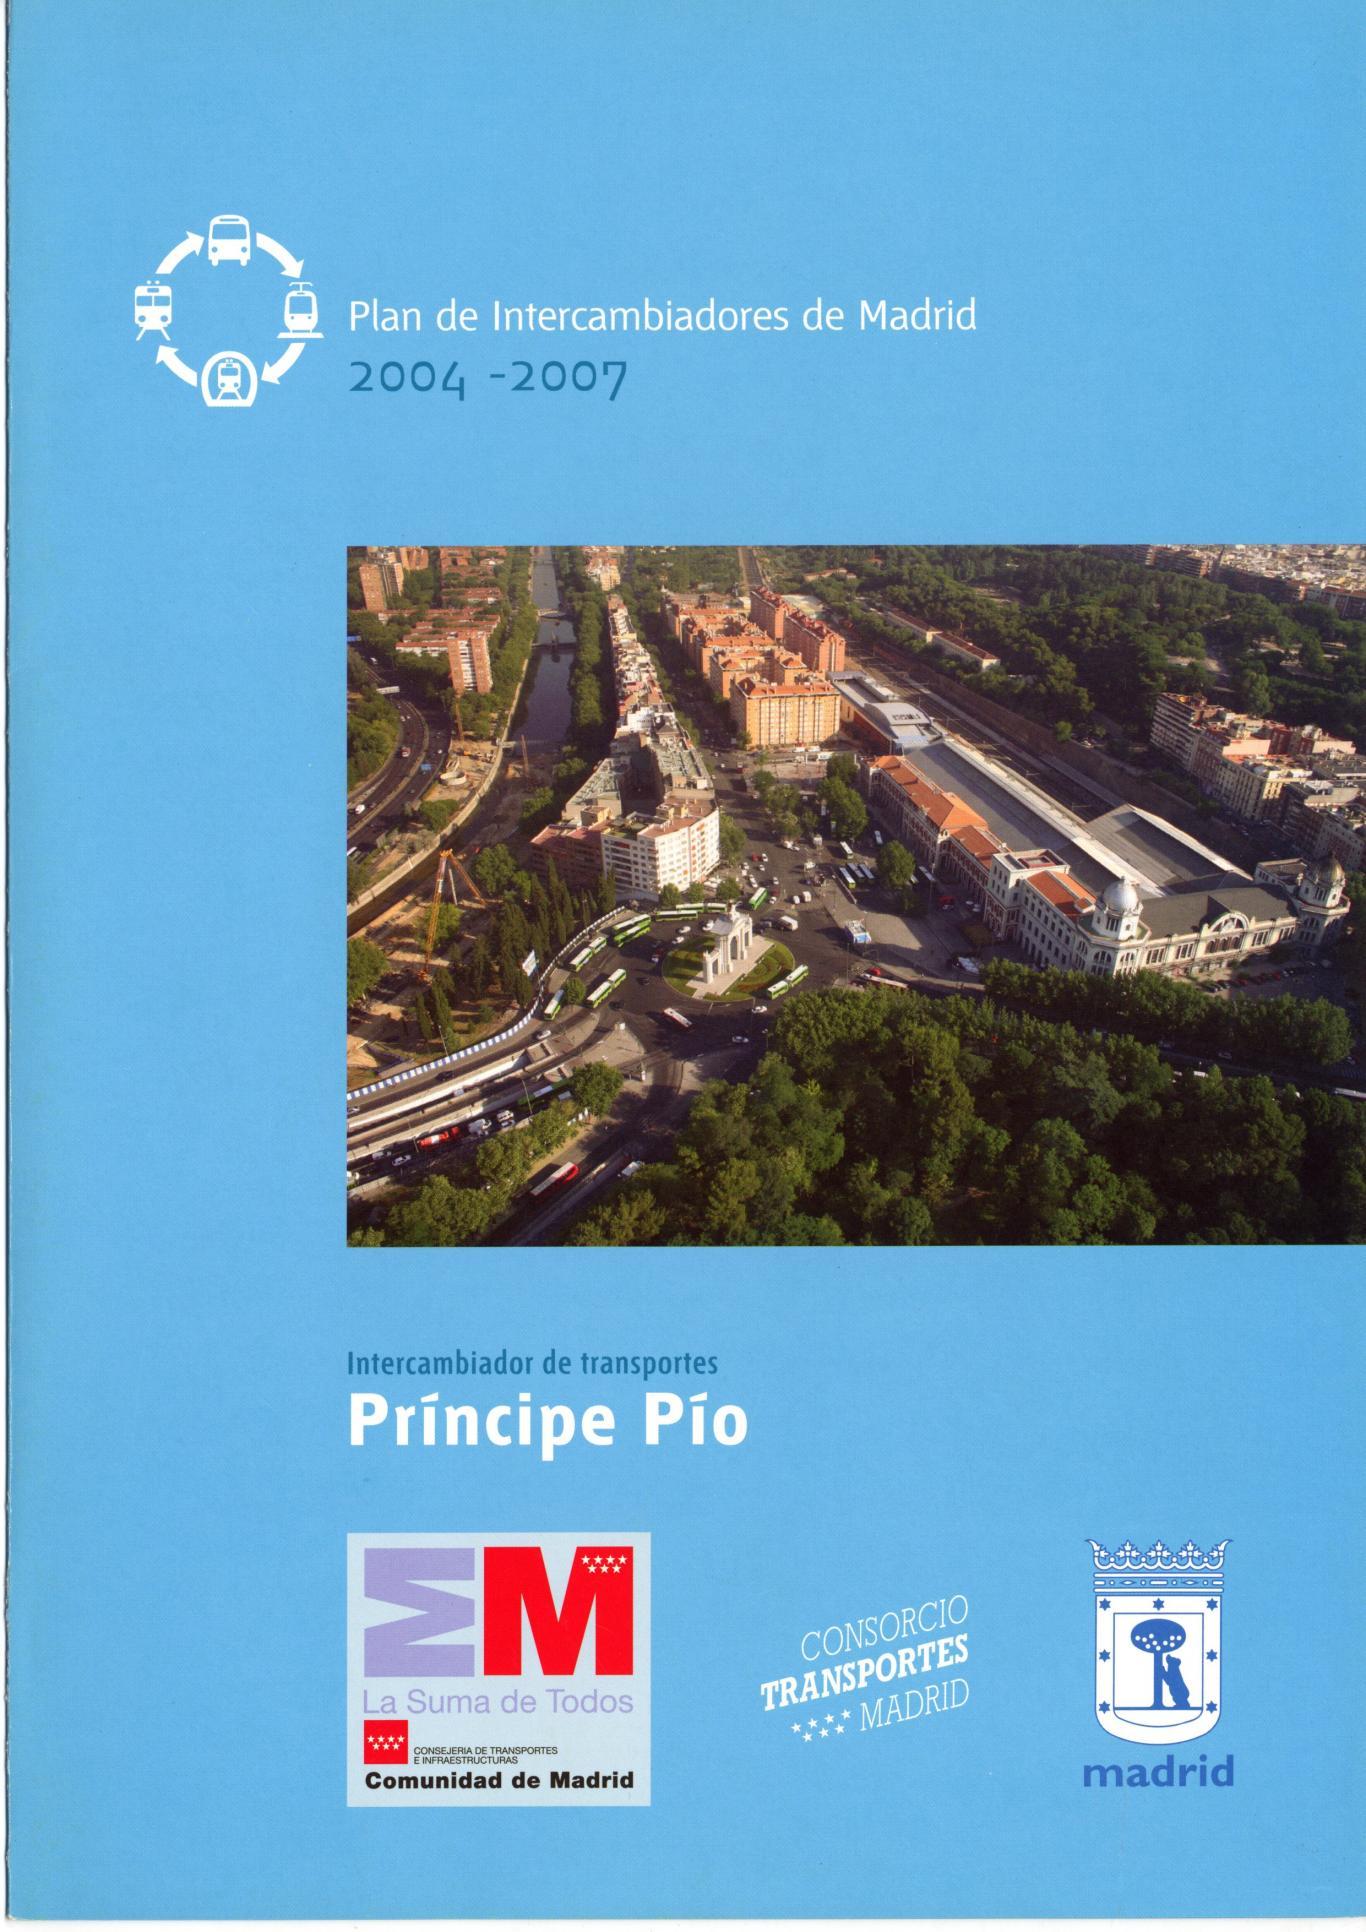 Portada folleto intercambiador Príncipe Pío